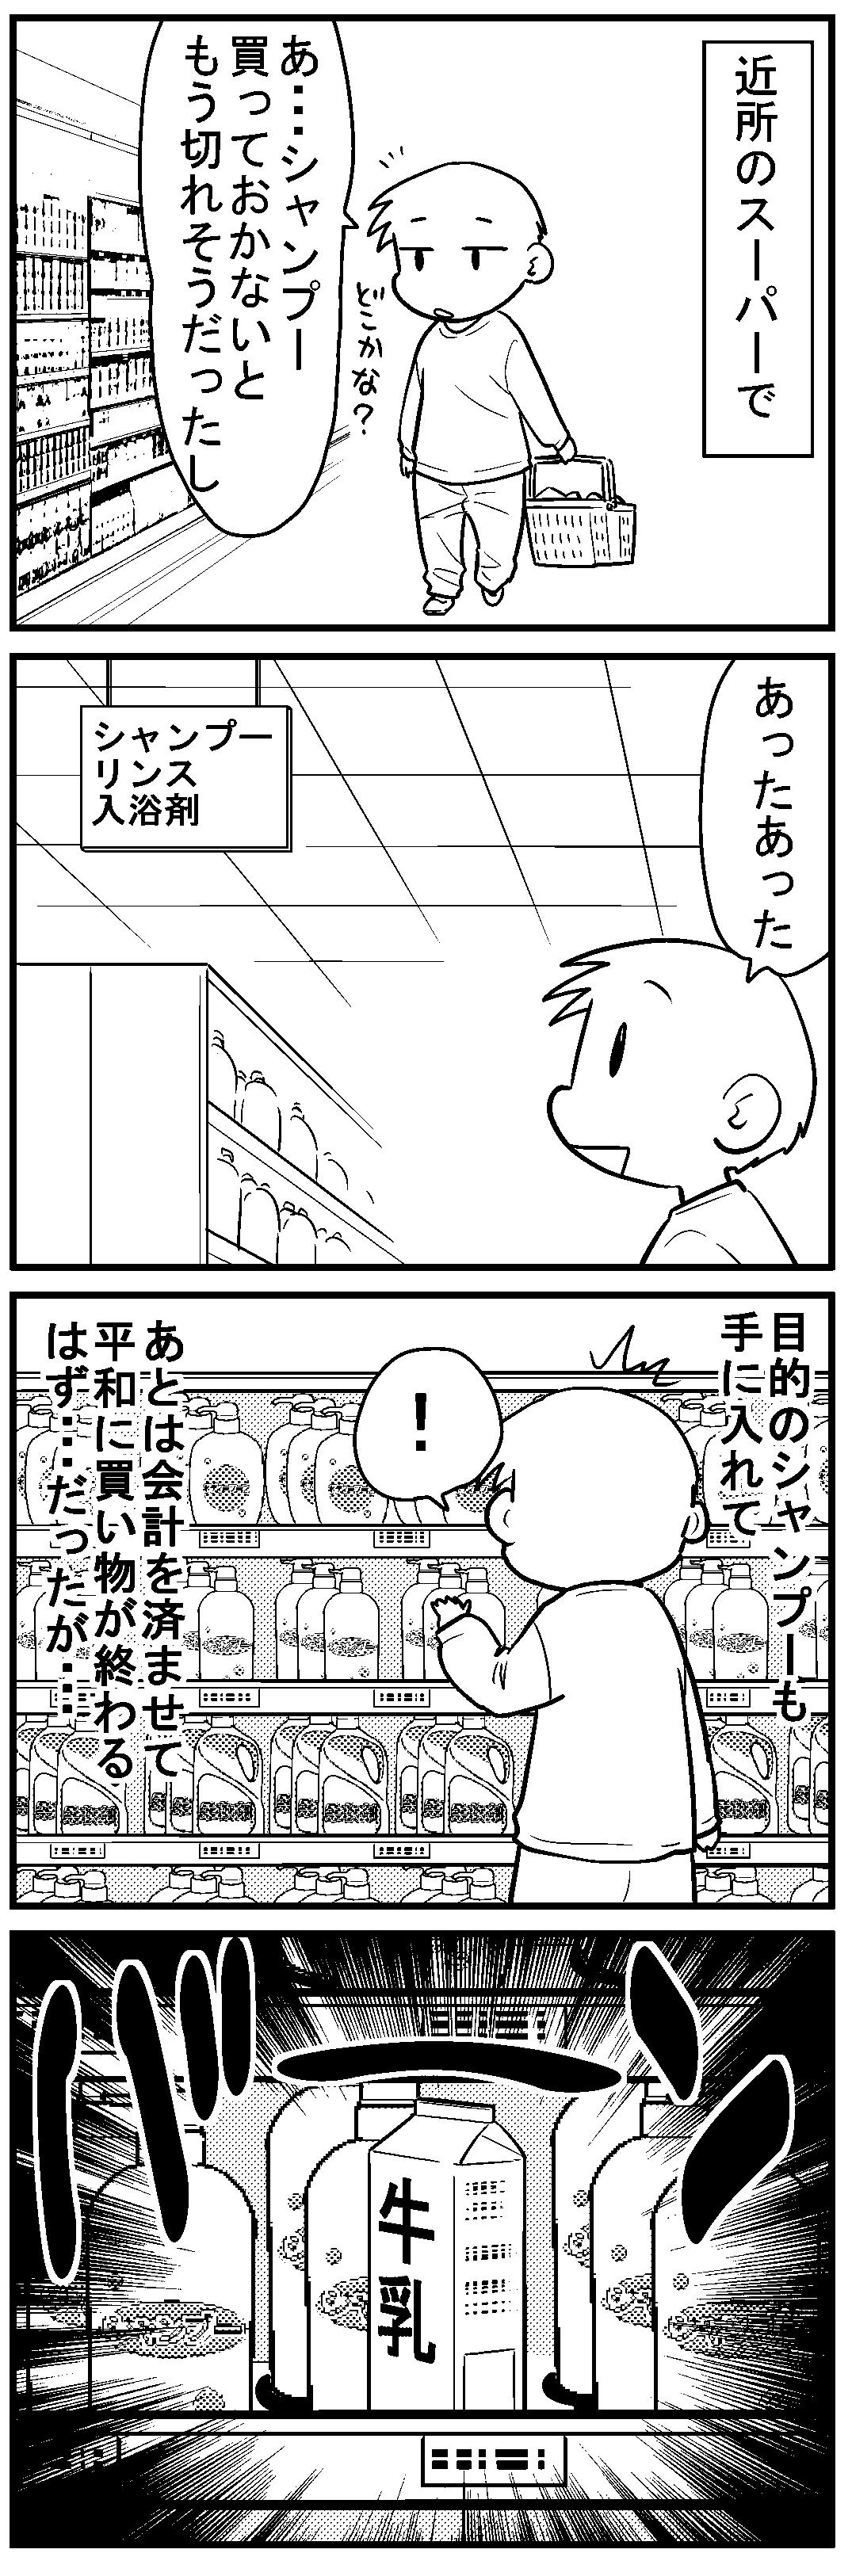 深読みくん43-1